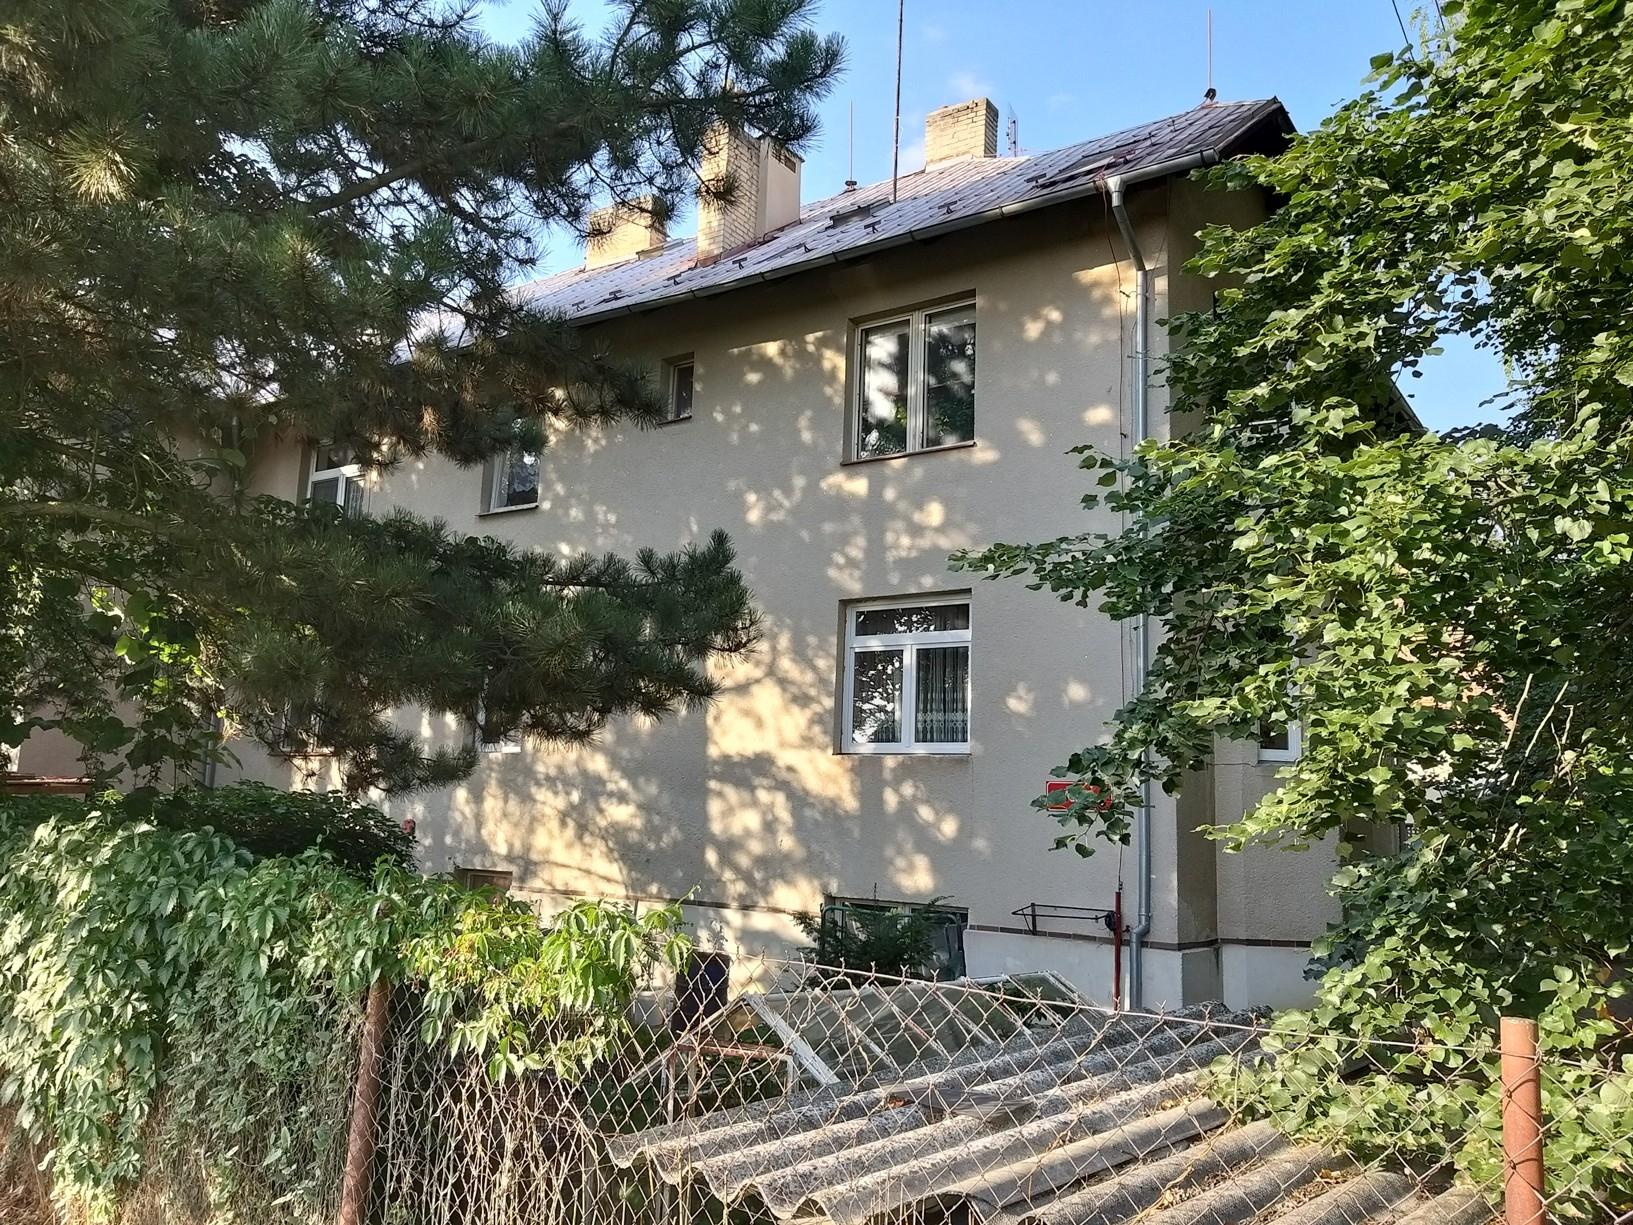 Byt 1 +1 Horní Bříza